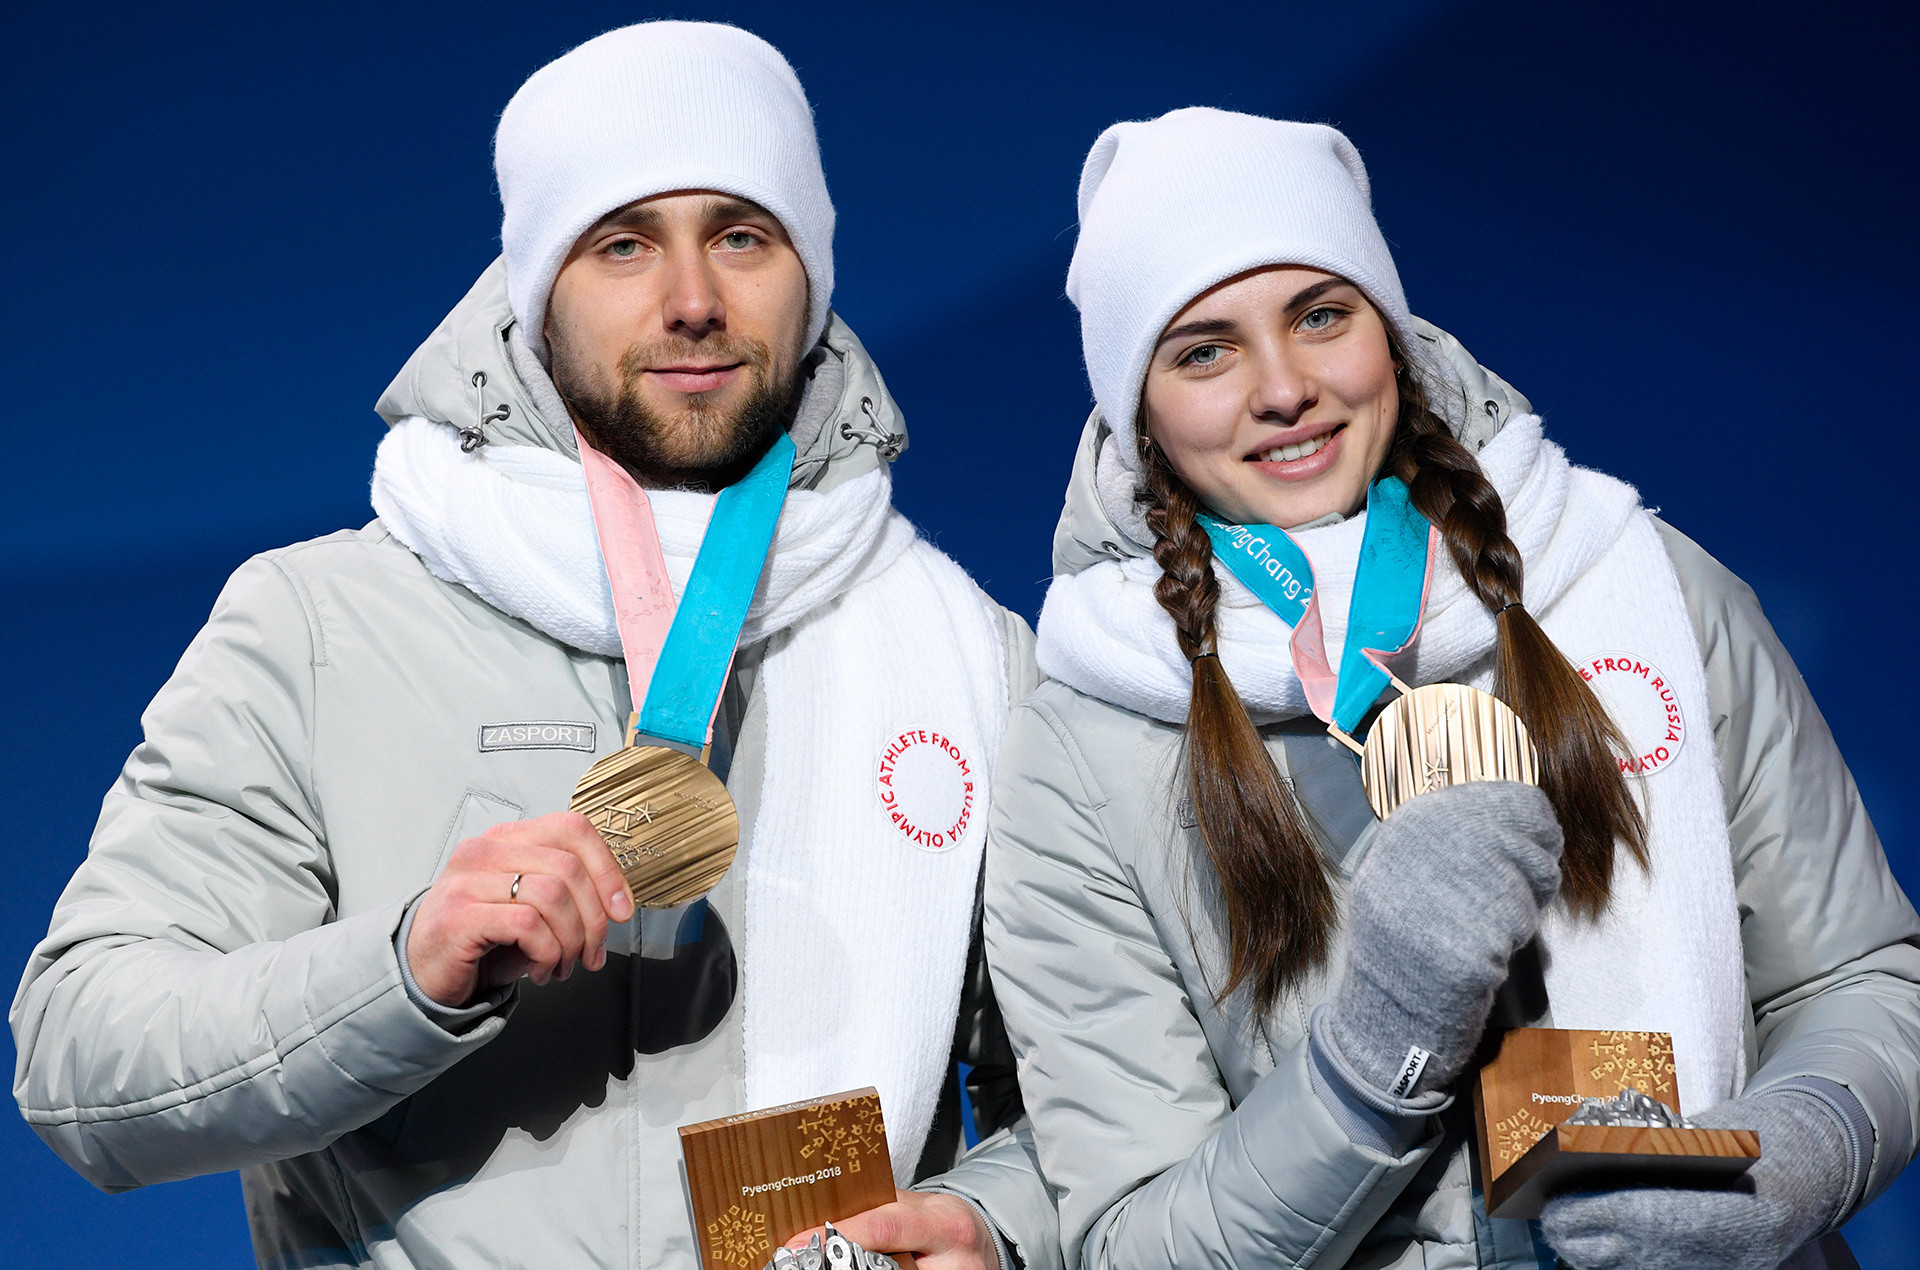 アレクサンドル・クルシェルニツキーとアナスタシア・ブルイズガロワ